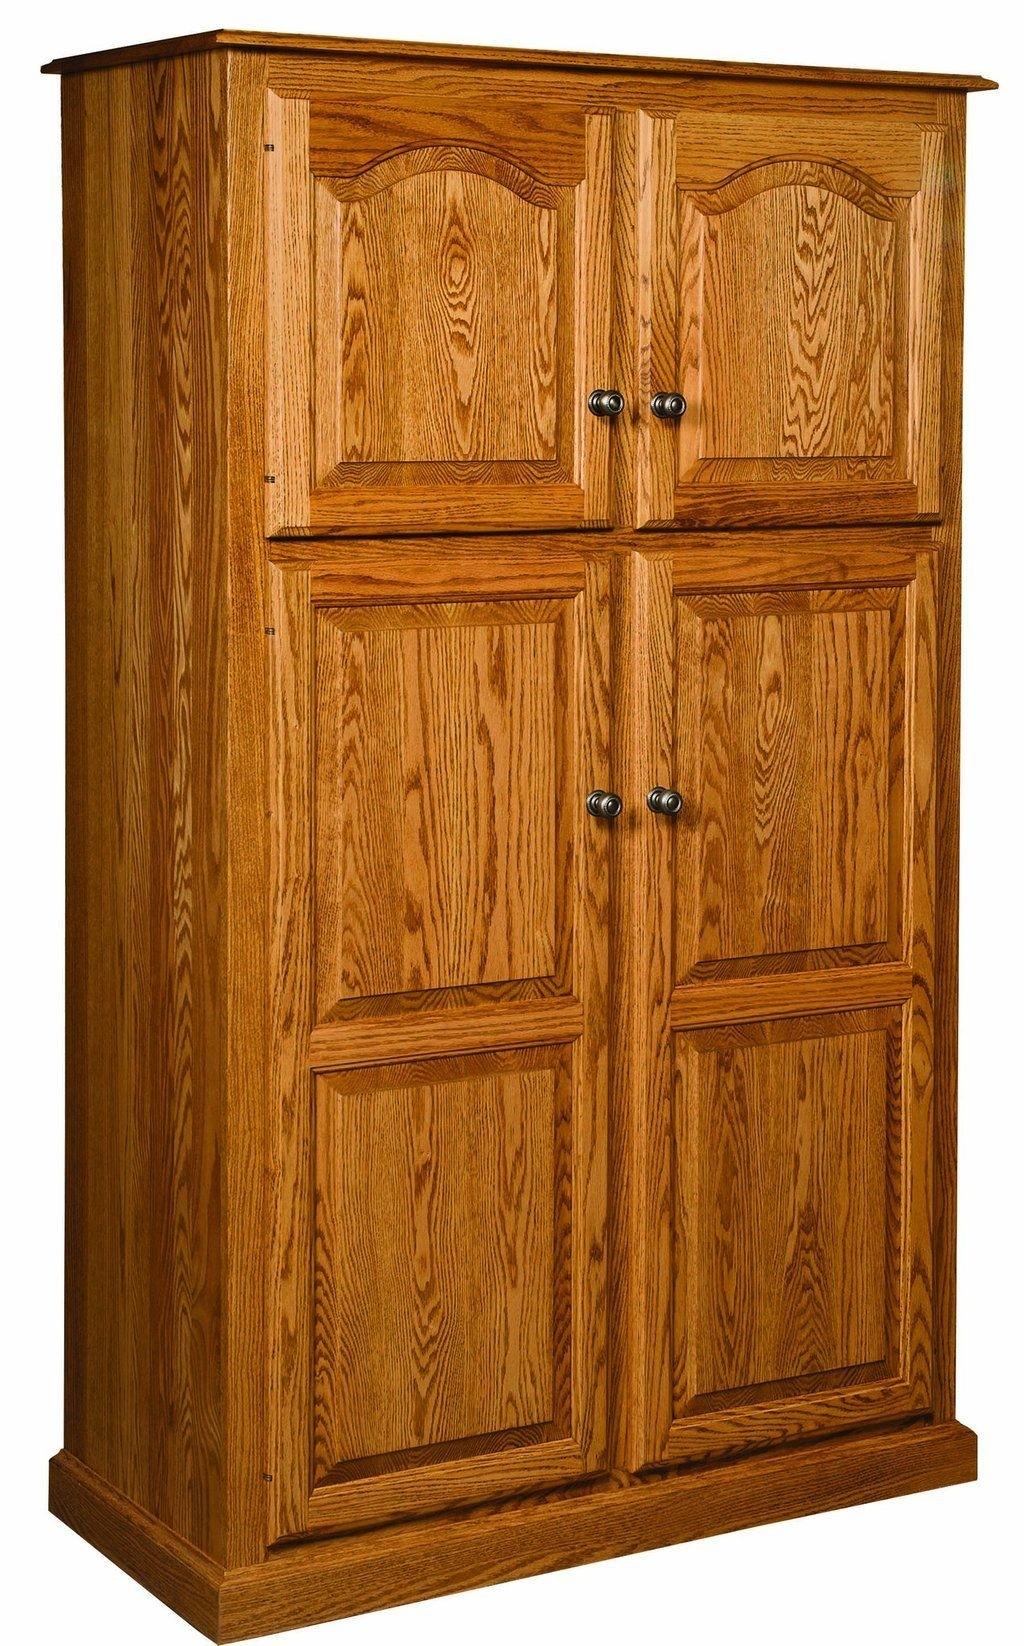 Captivating Oak Pantry Storage Cabinet 5